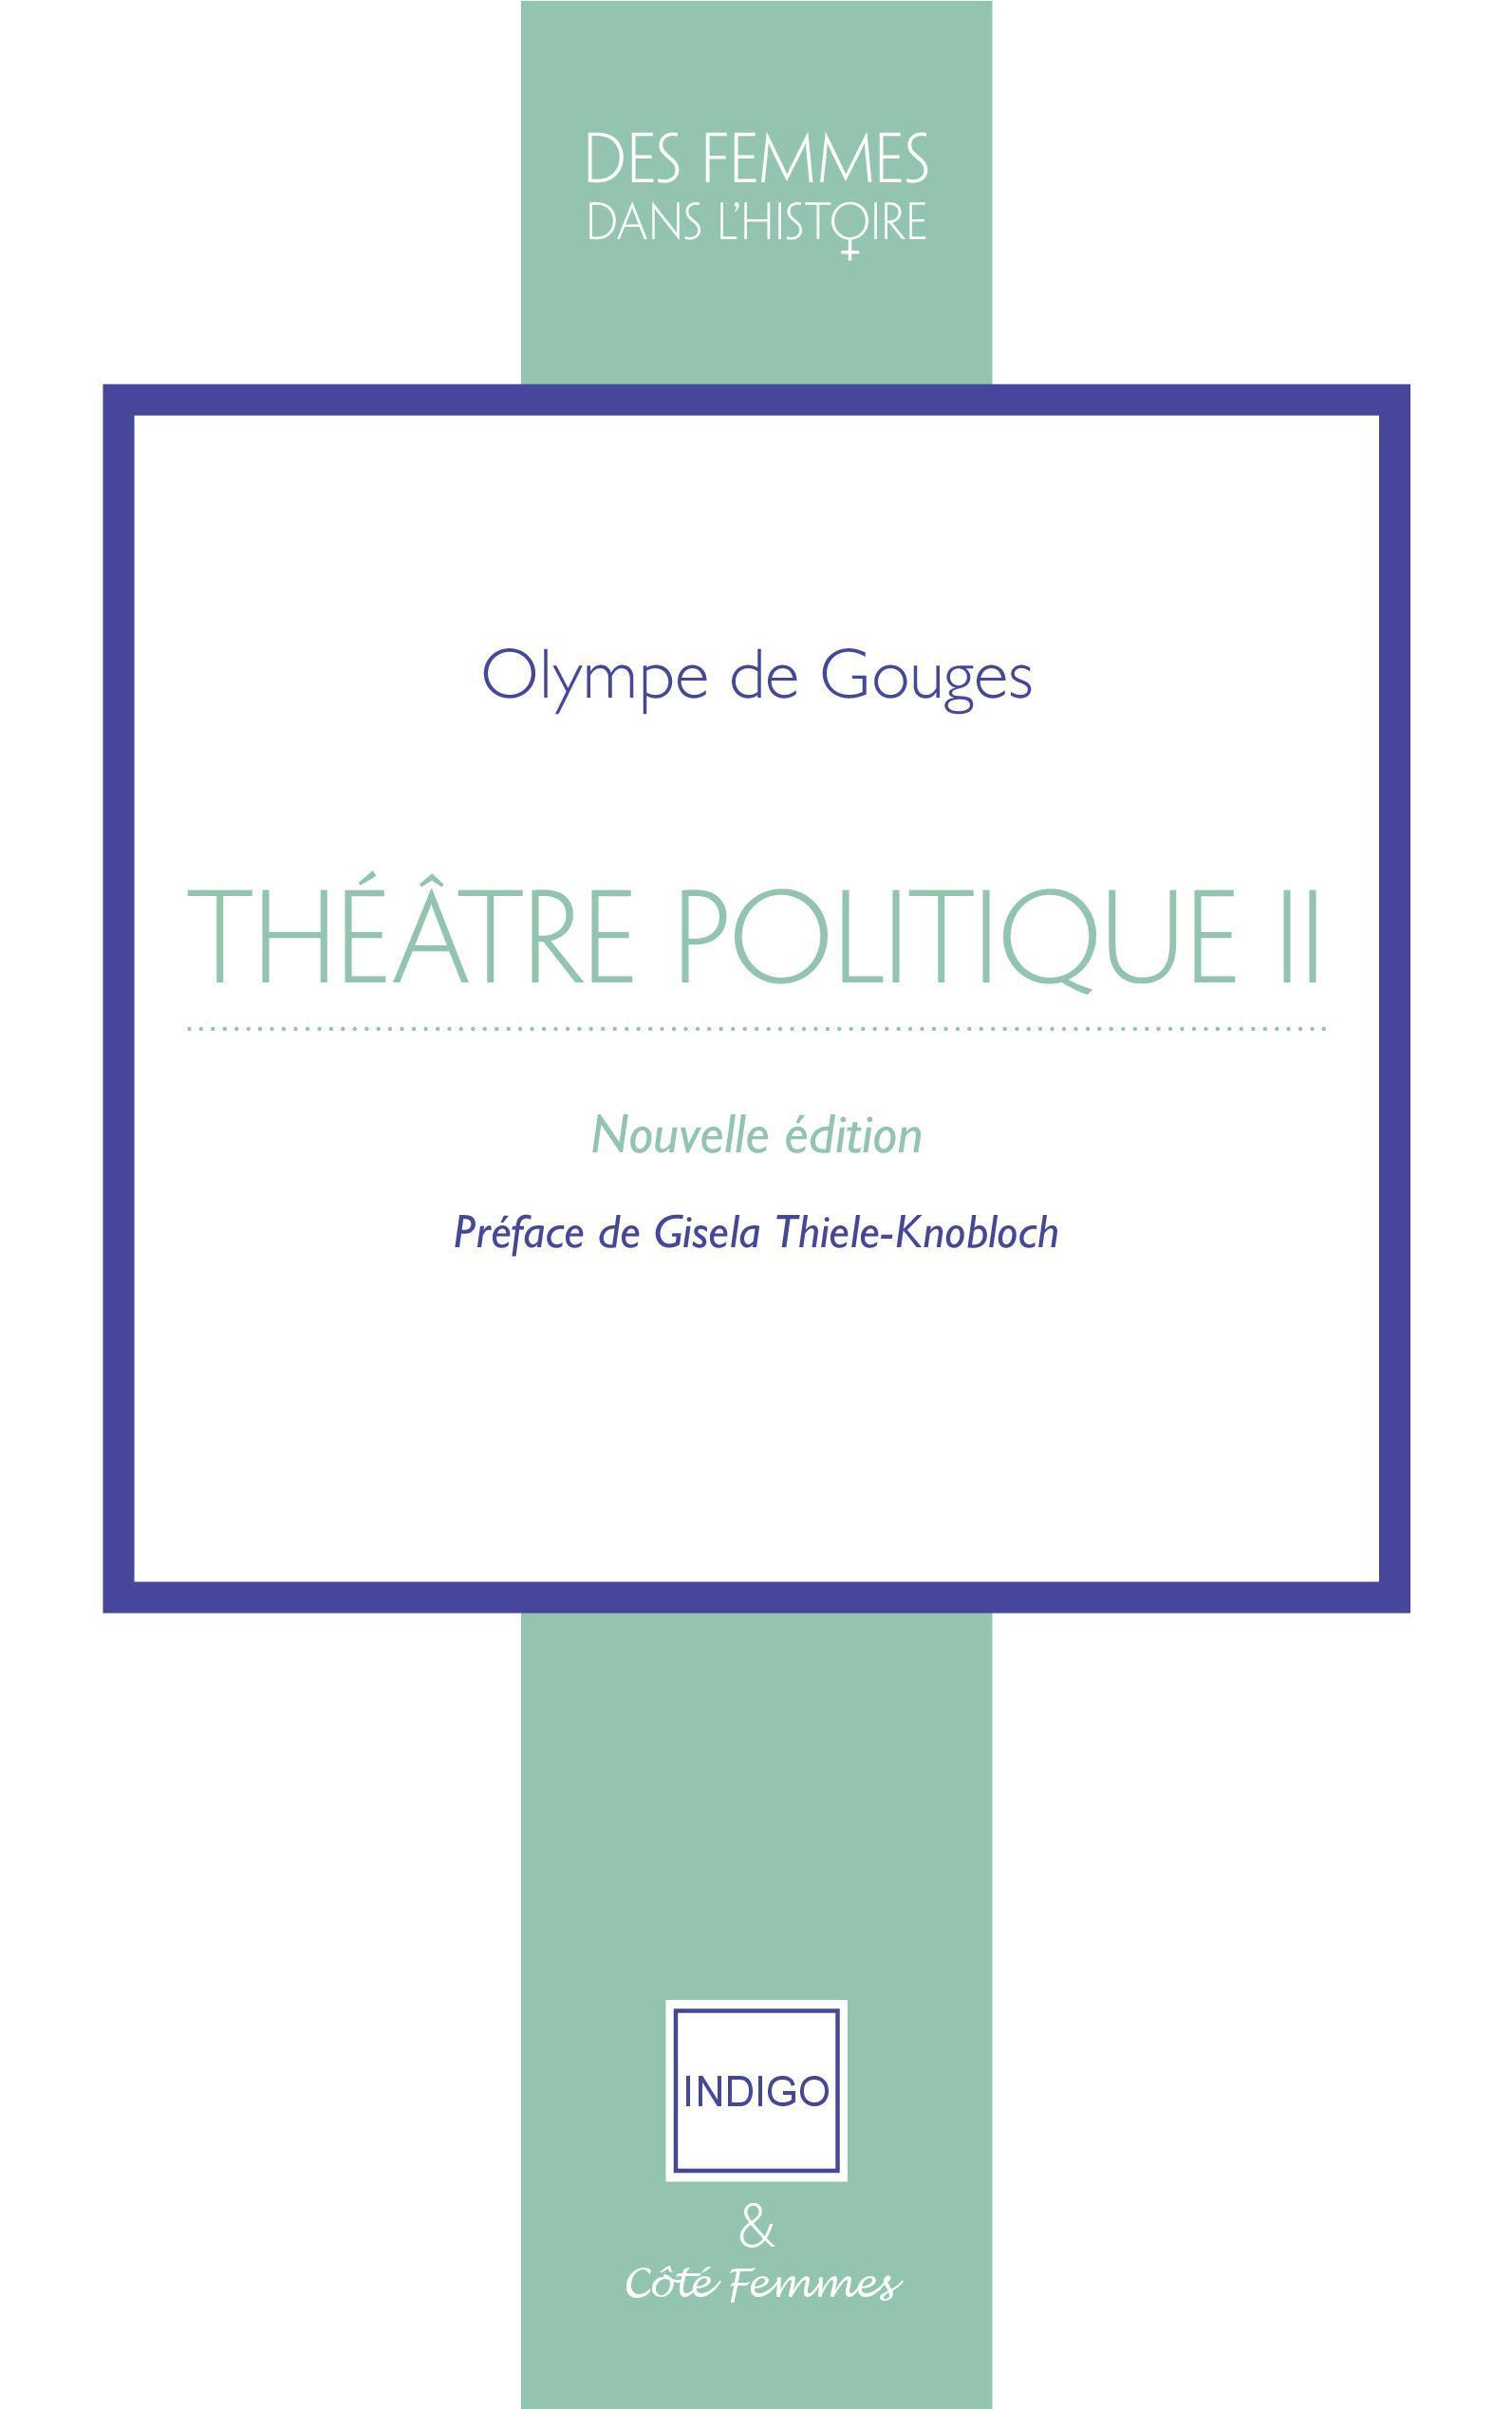 THEATRE POLITIQUE TOME 2 - NOUVELLE  EDITION - PREFACE DE GISELA THIELE-KNOBLOCH